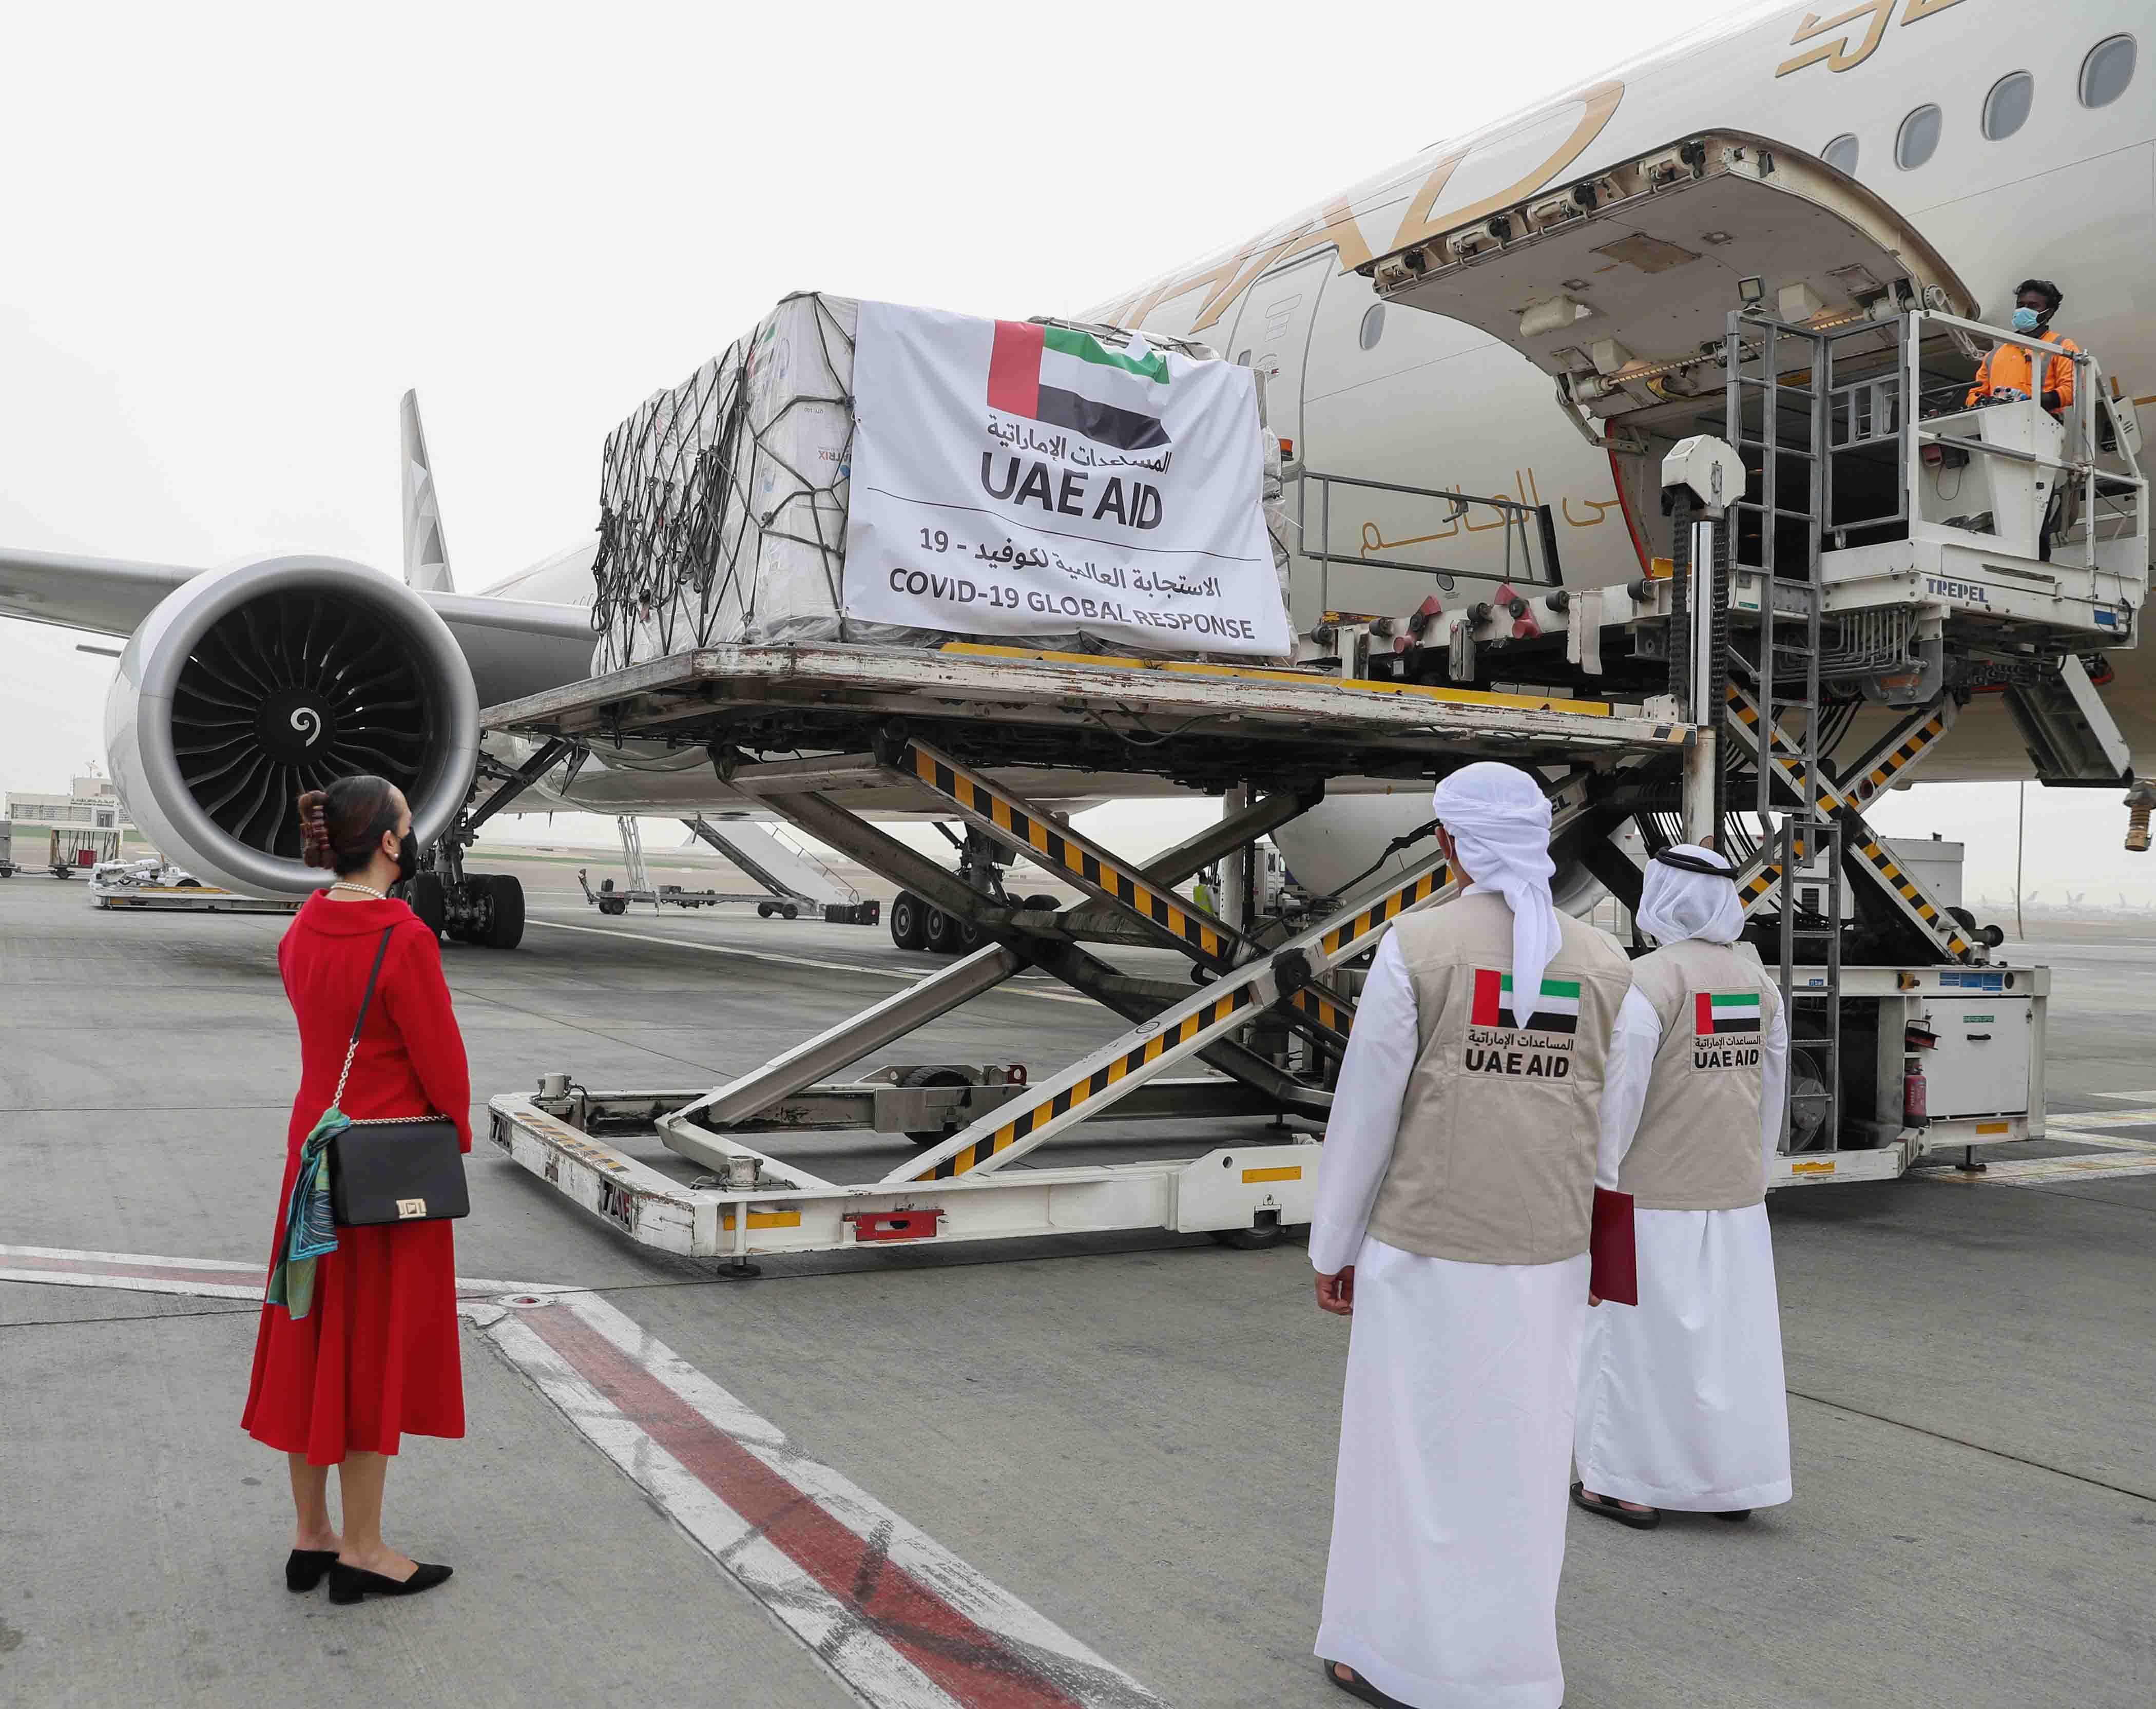 """الإمارات ترسل طائرة مساعدات طبية إلى المكسيك لدعمها في مكافحة فيروس """"كورونا"""""""